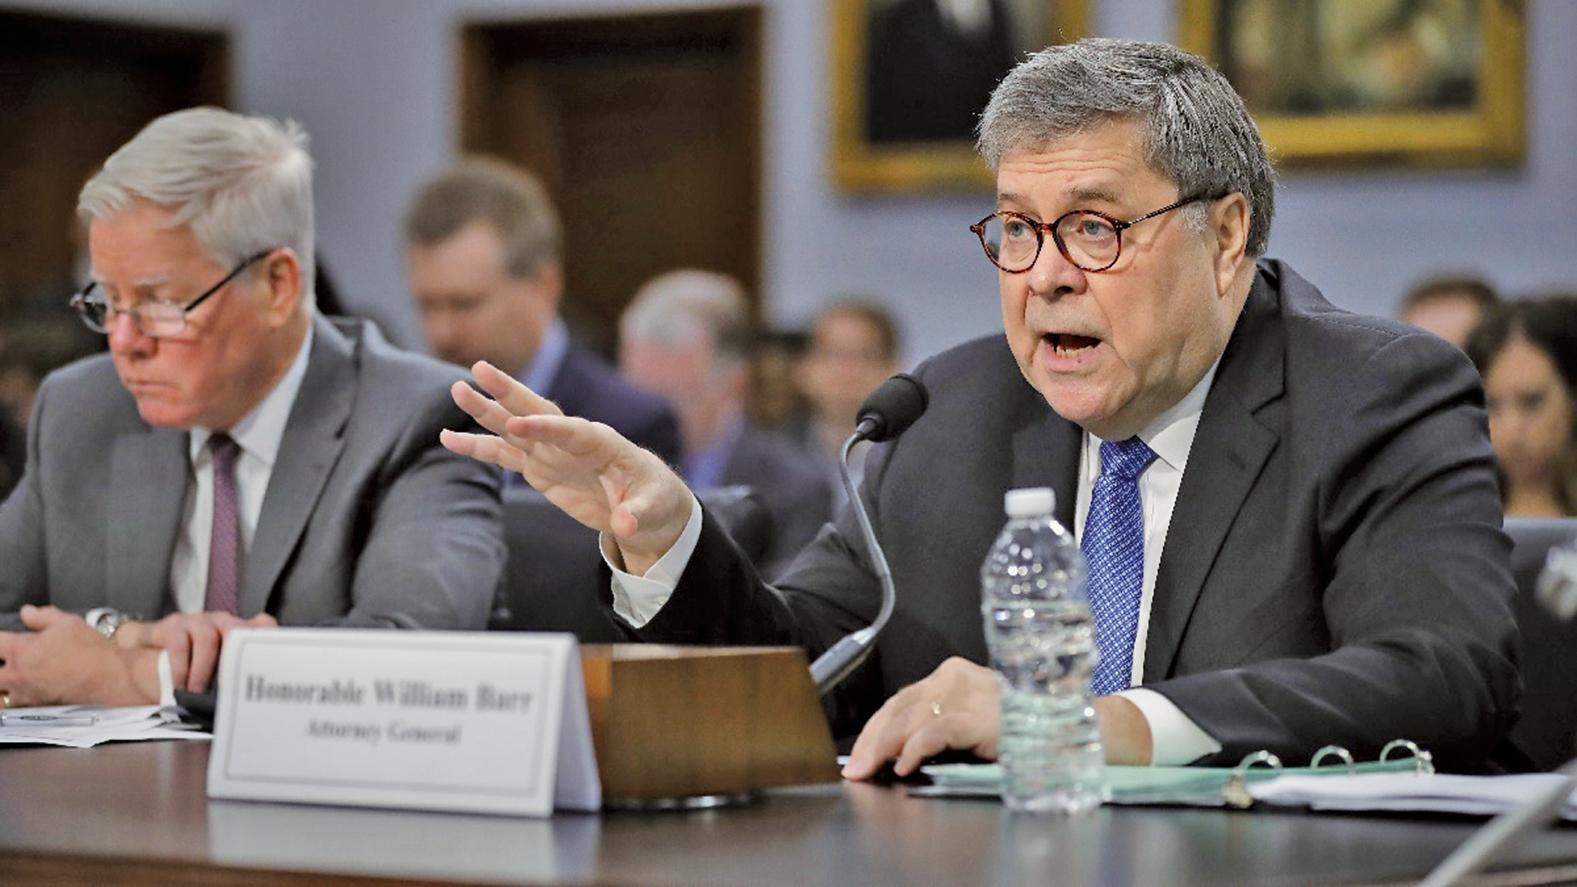 4月10日,美國司法部長巴爾(Bill Barr)赴參議院作證。(Getty Images)